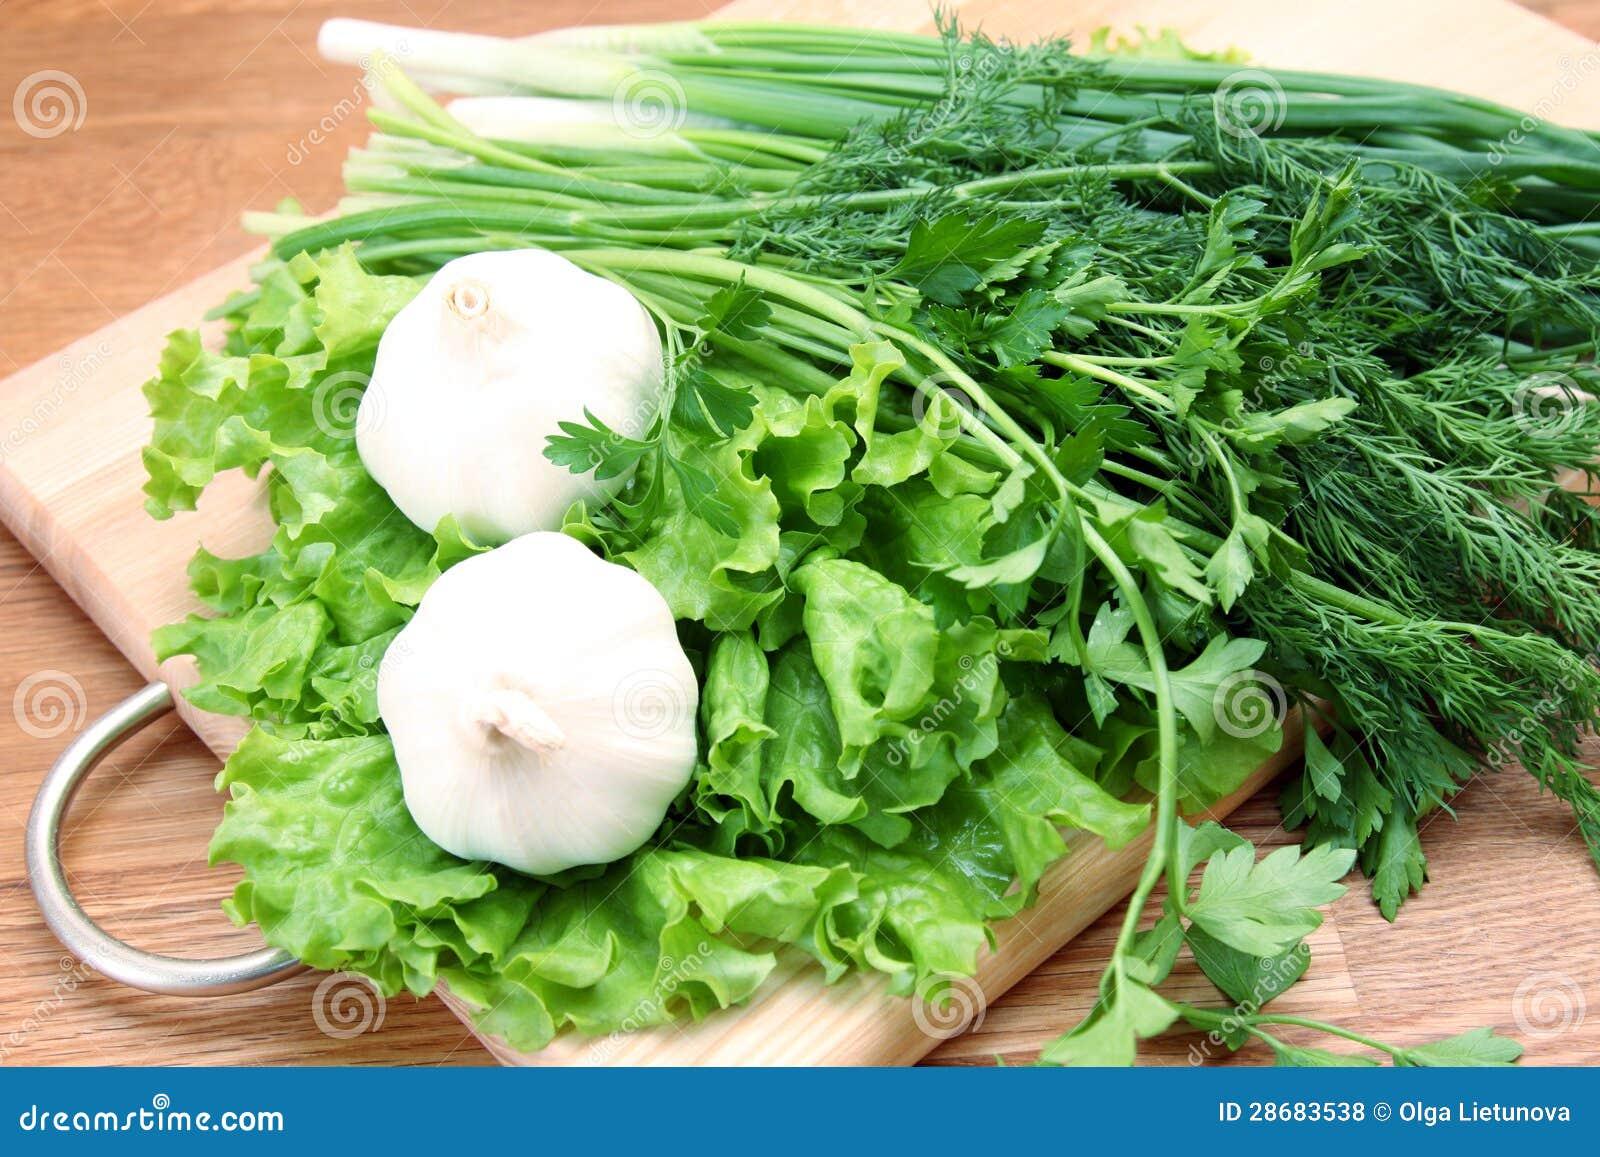 Garlic induce wet dream